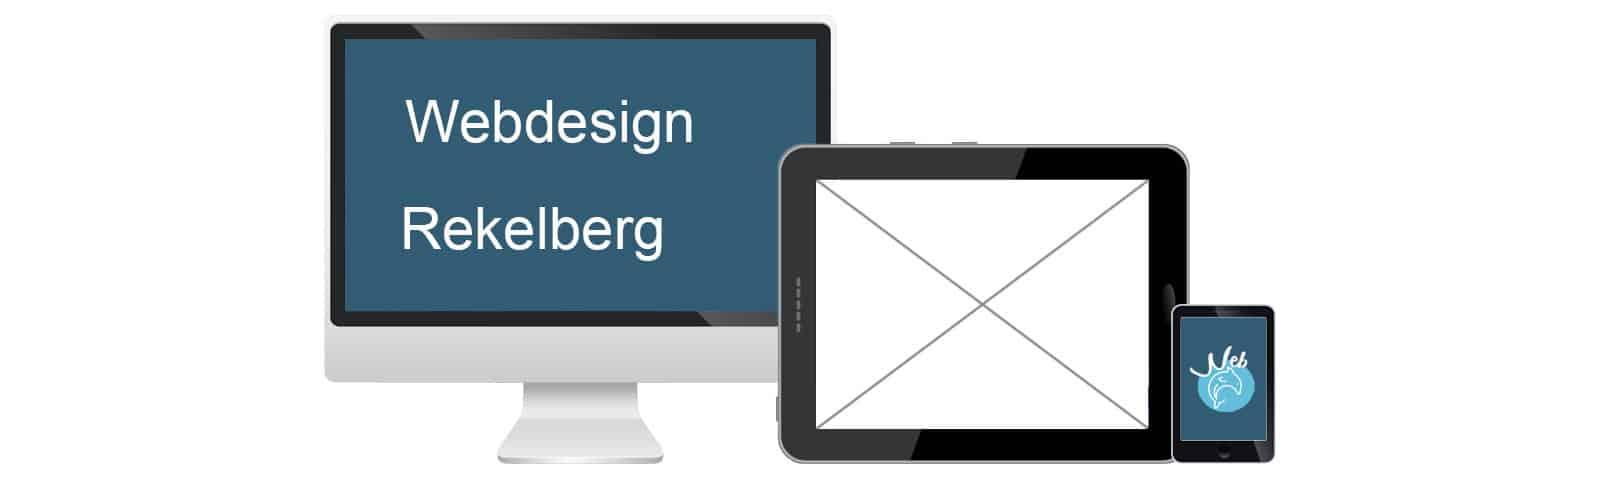 Webdesign Rekelberg - webdolfijn